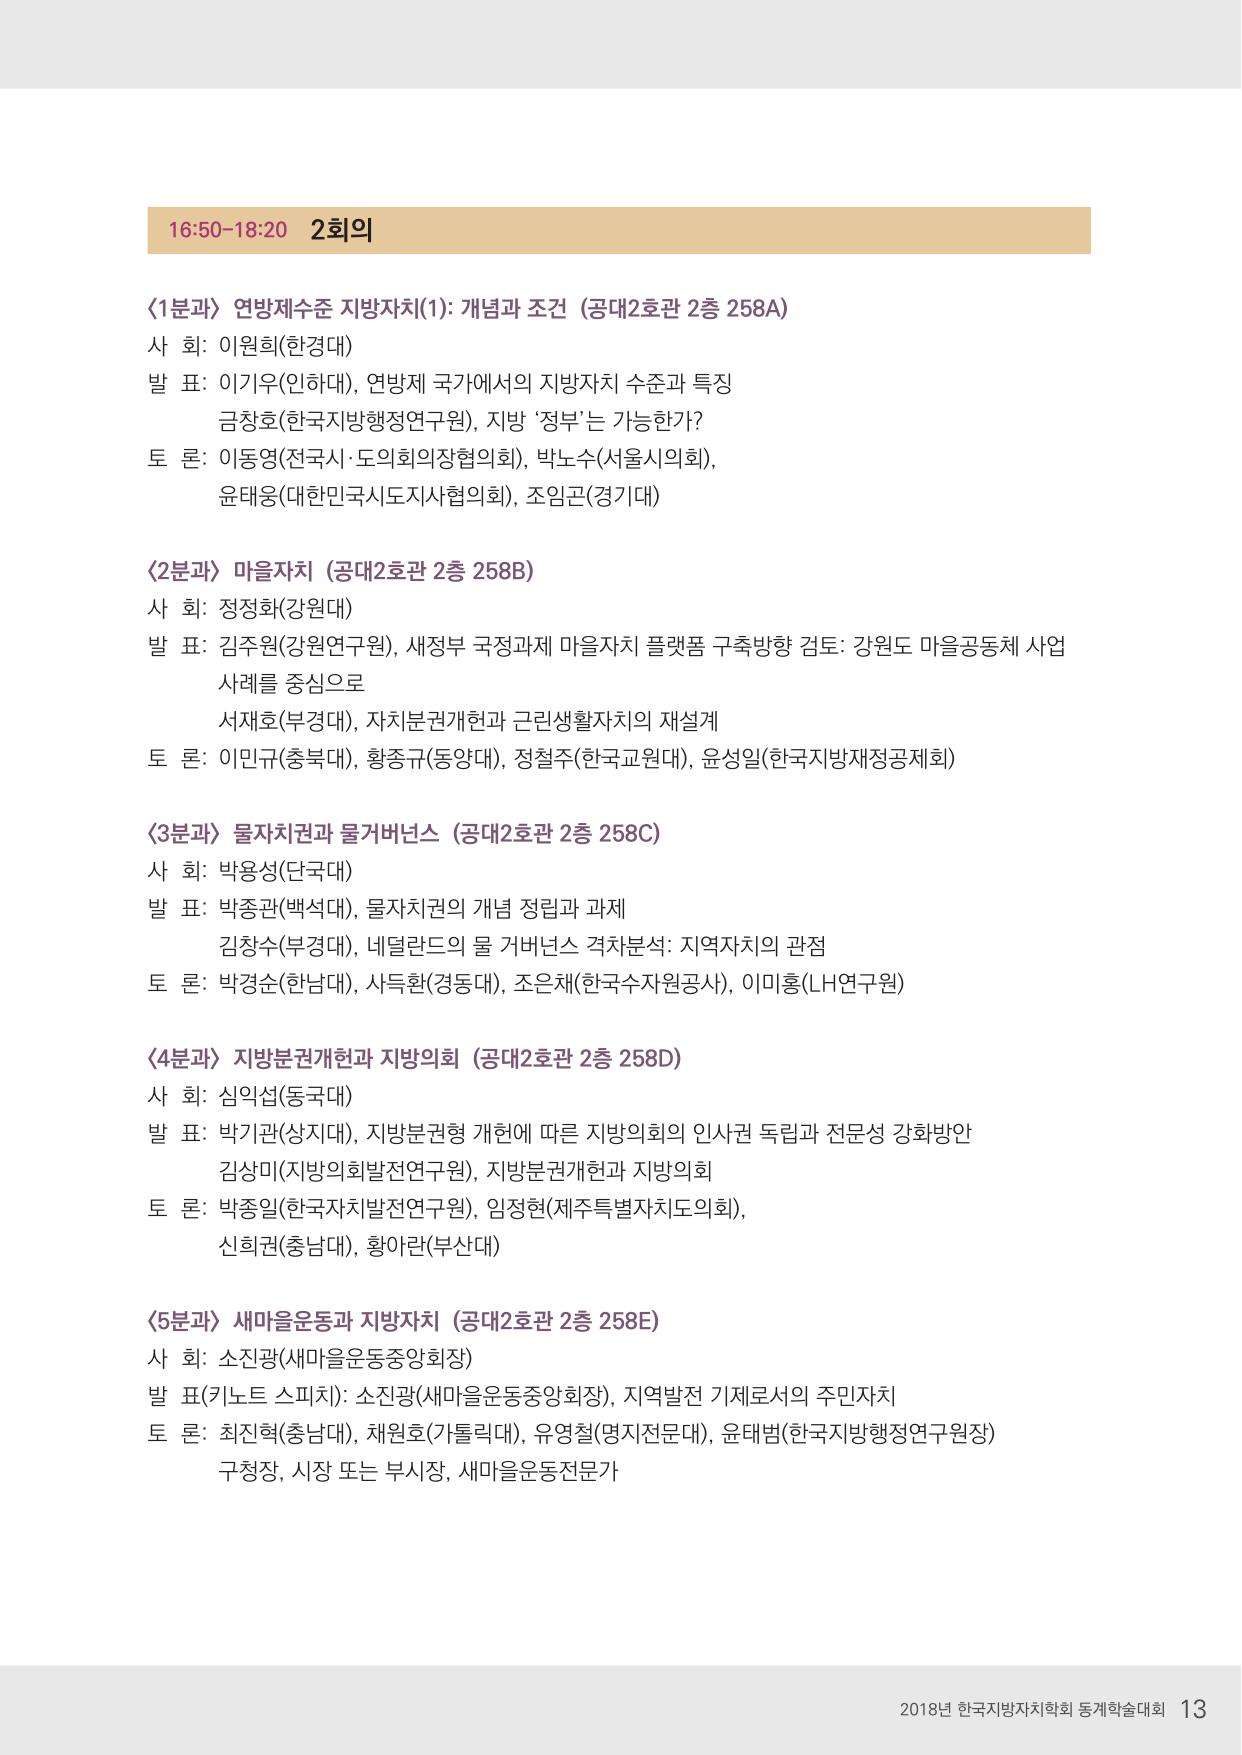 초청장_동계학술대회_한국지방자치학회(최종본)-13.jpg